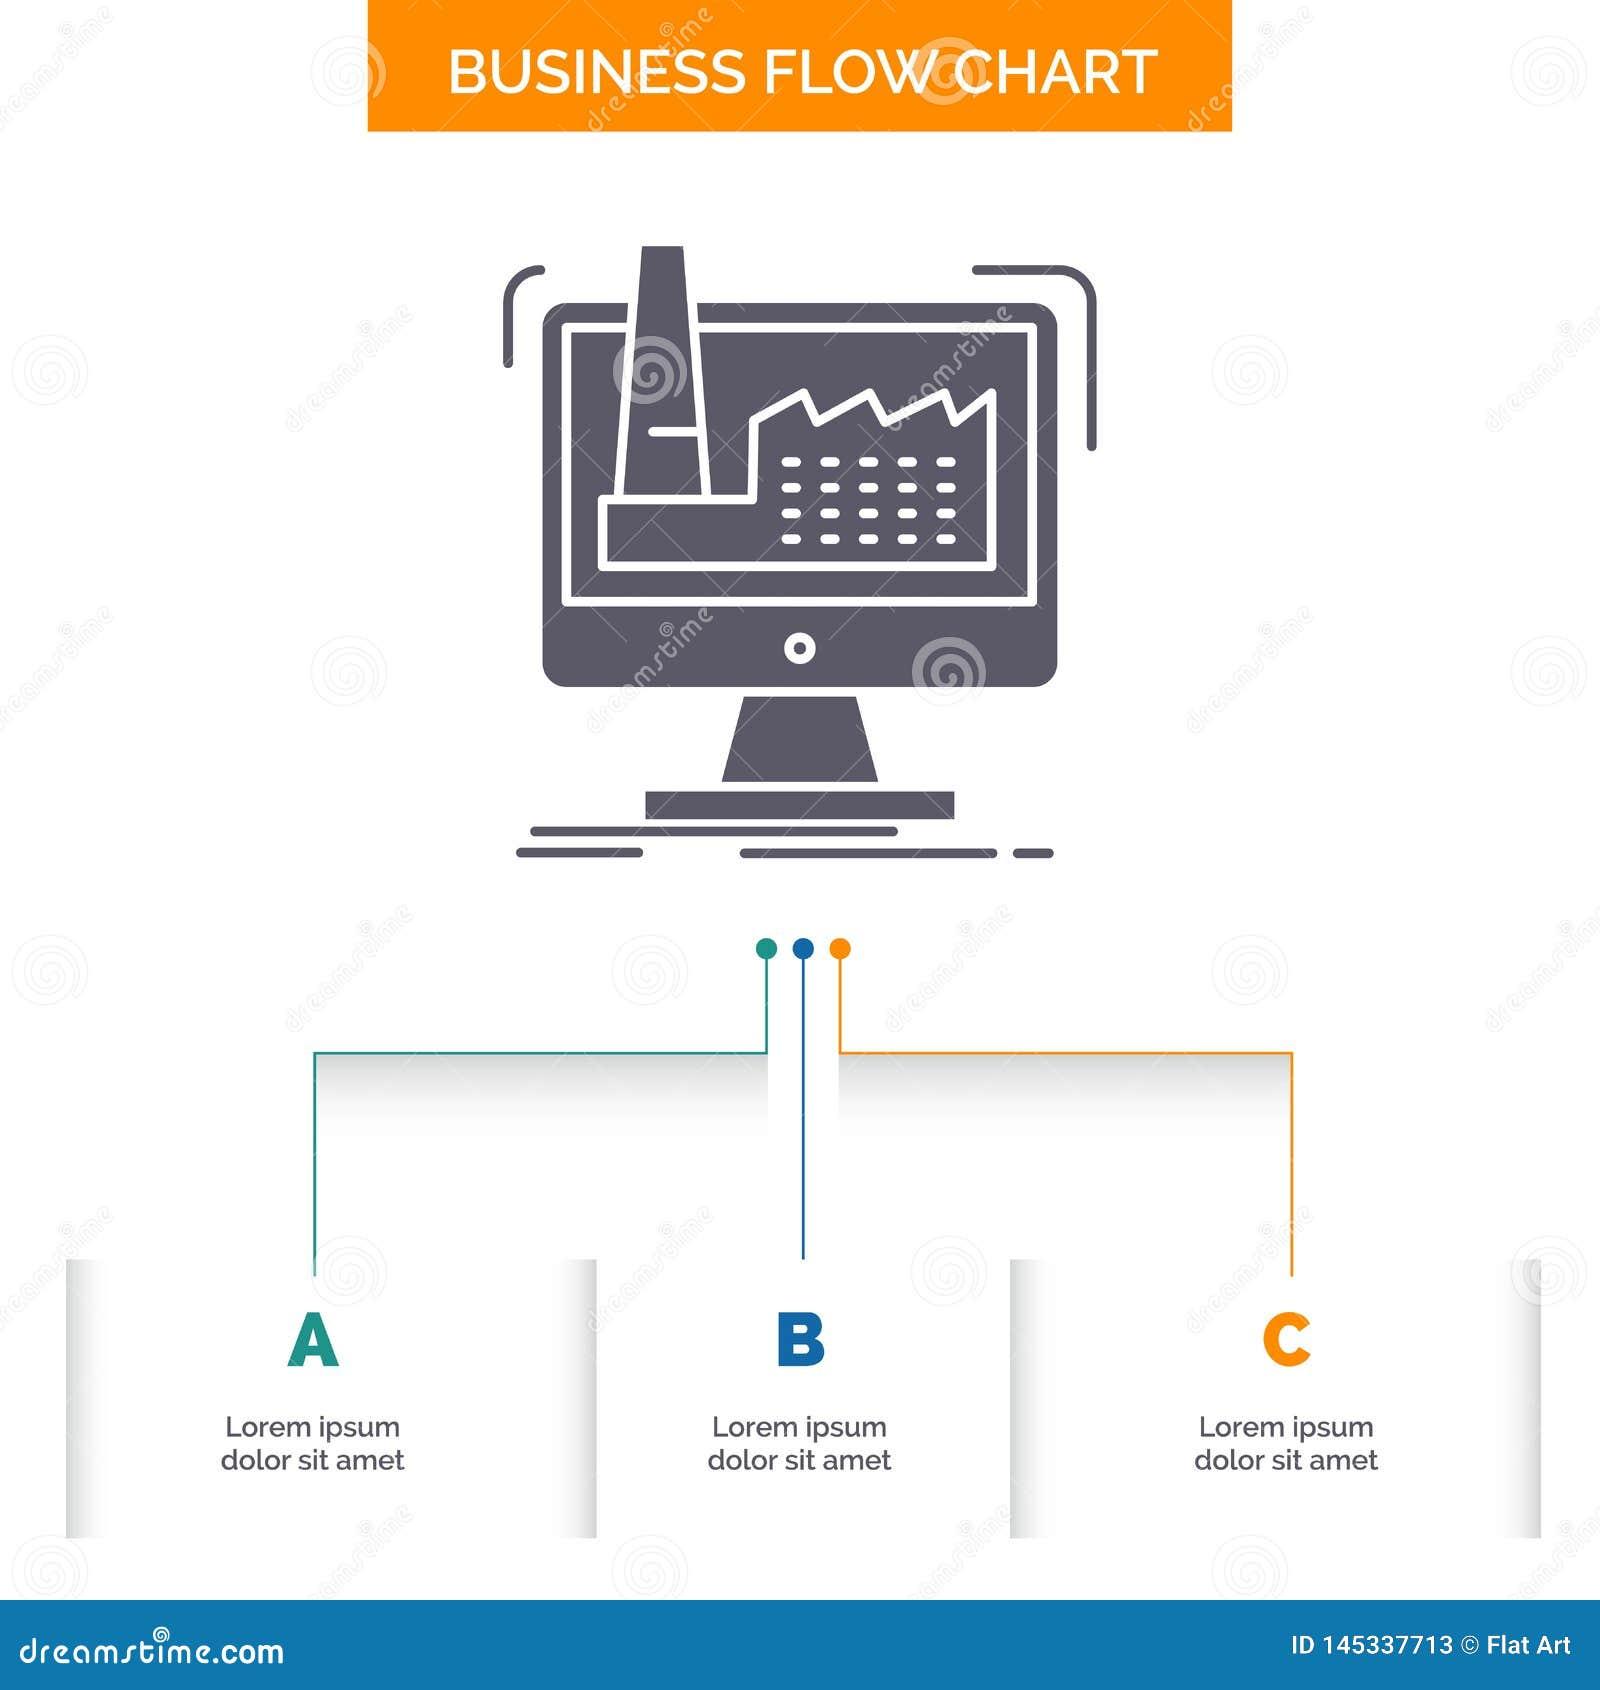 Digitalt fabrik, tillverkning, produktion, design för diagram för produktaffärsflöde med 3 moment r